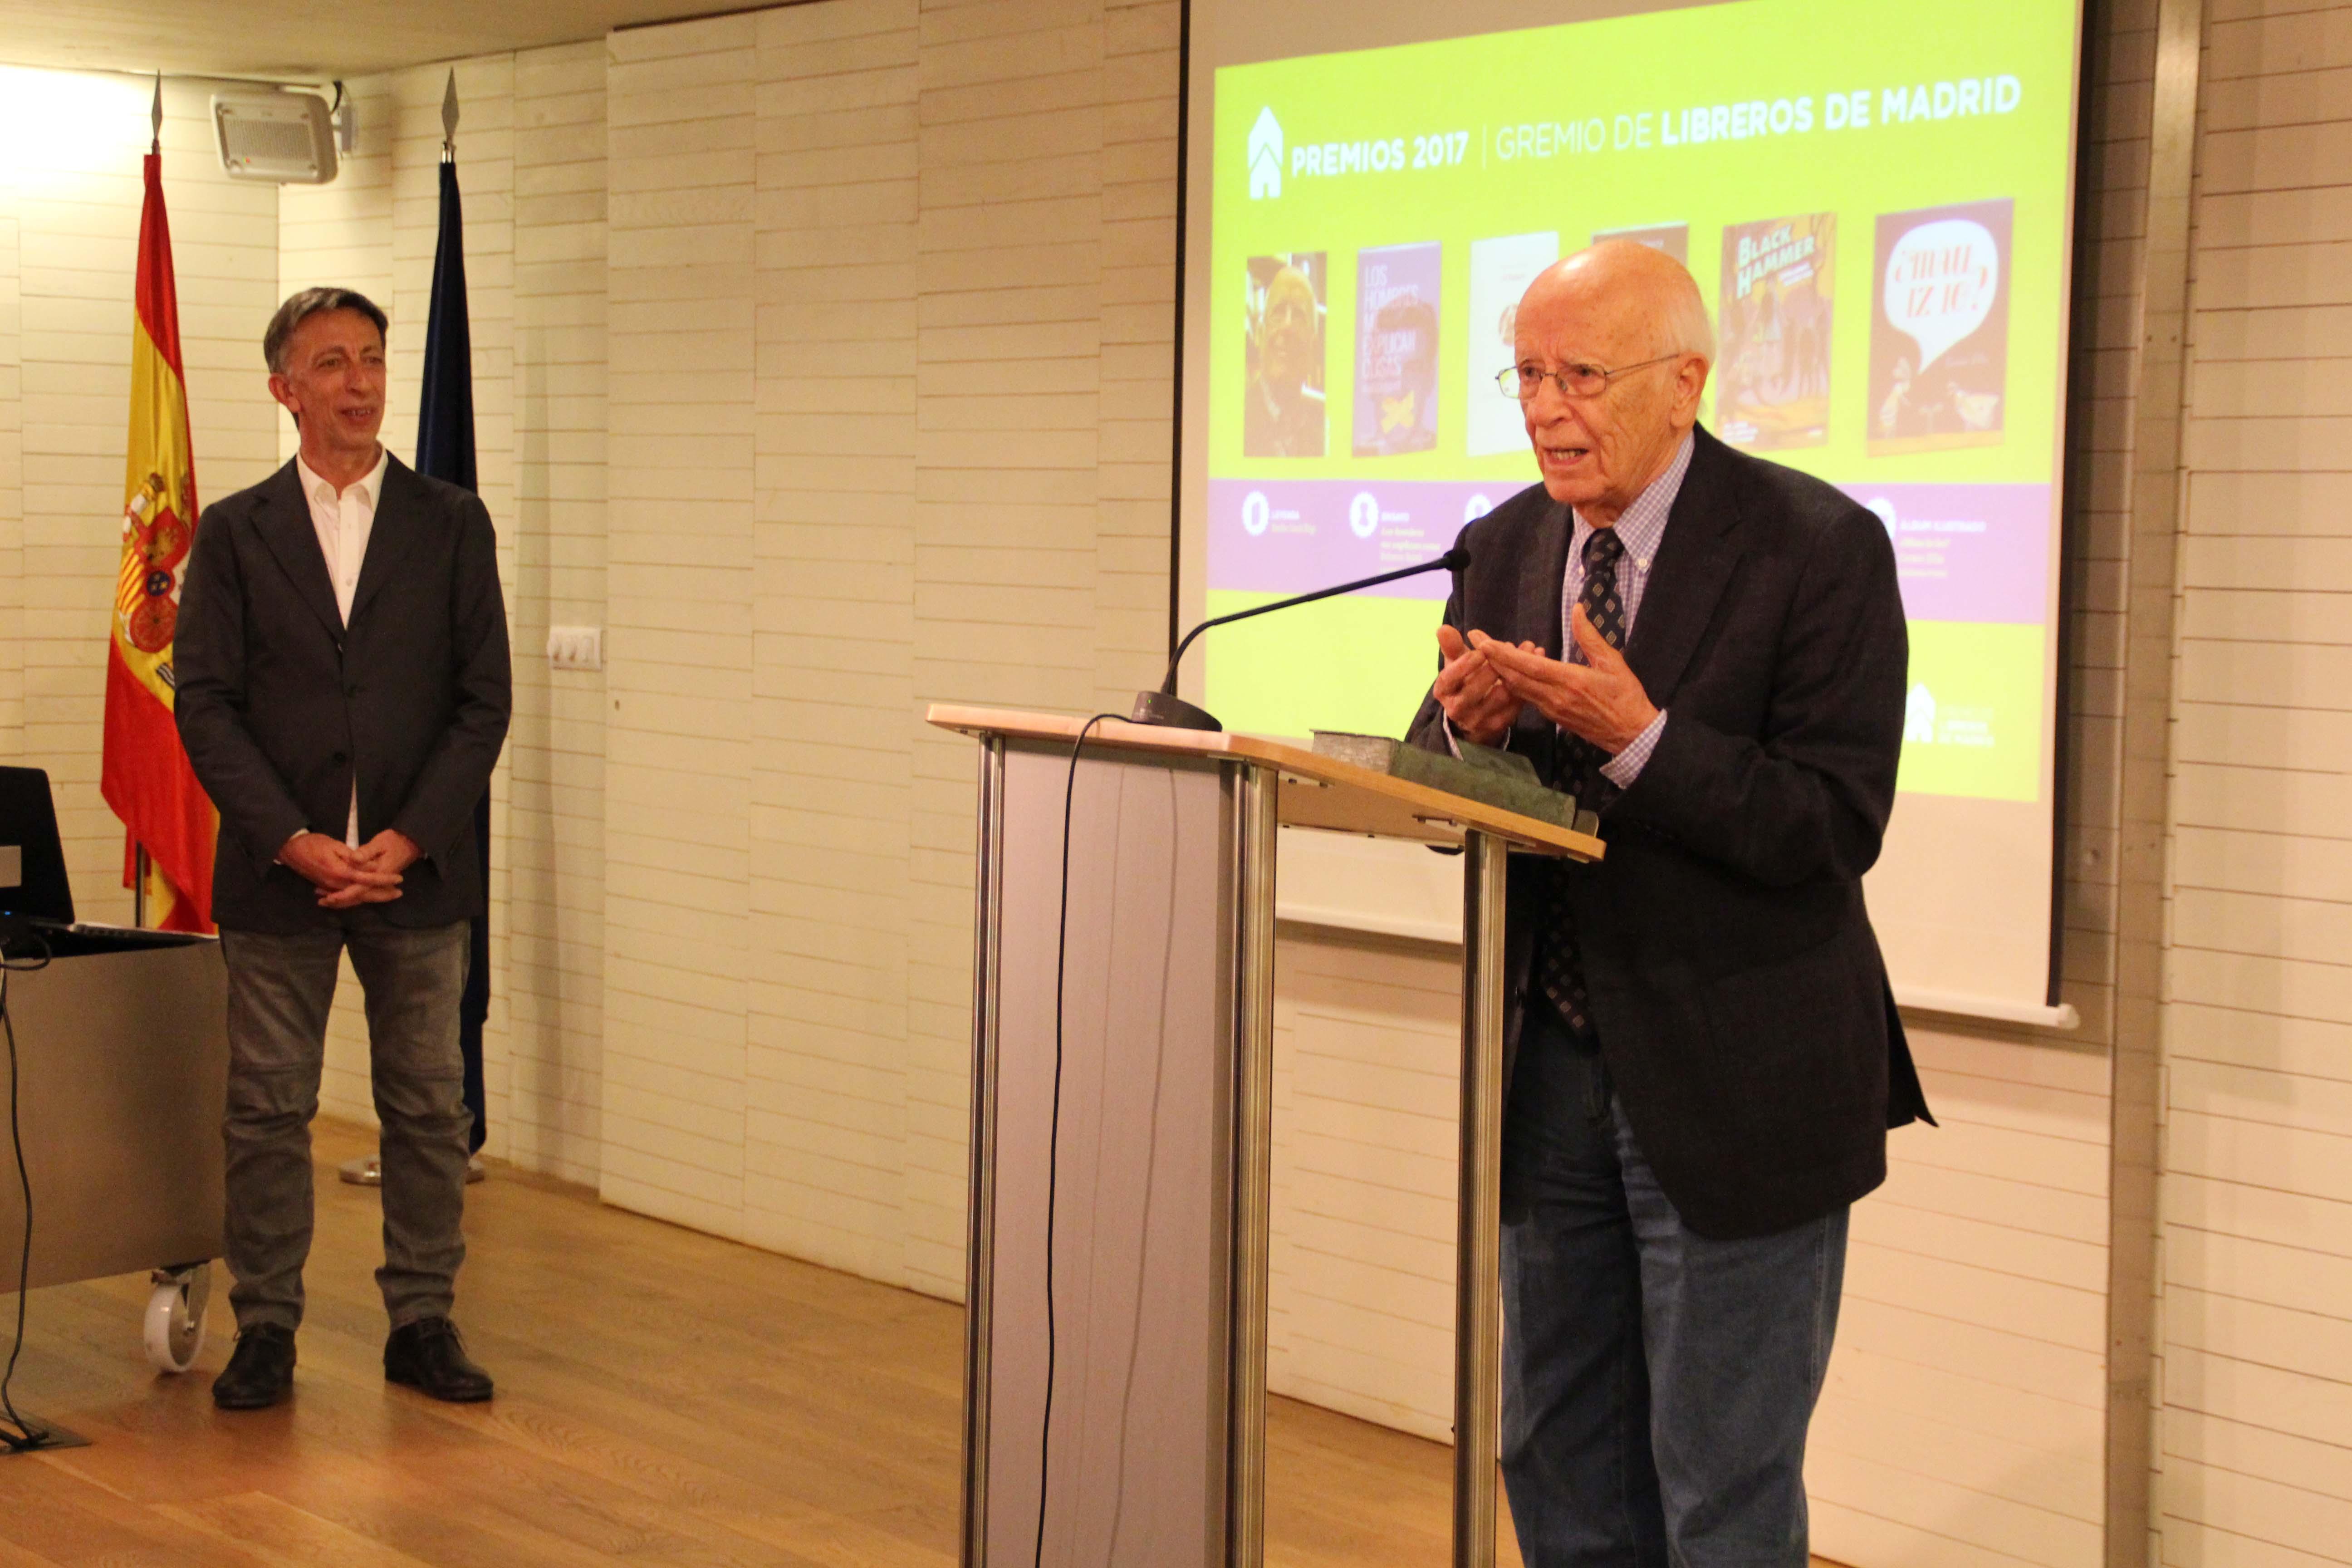 El Gremio de Libreros de Madrid hizo entrega de sus premios anuales